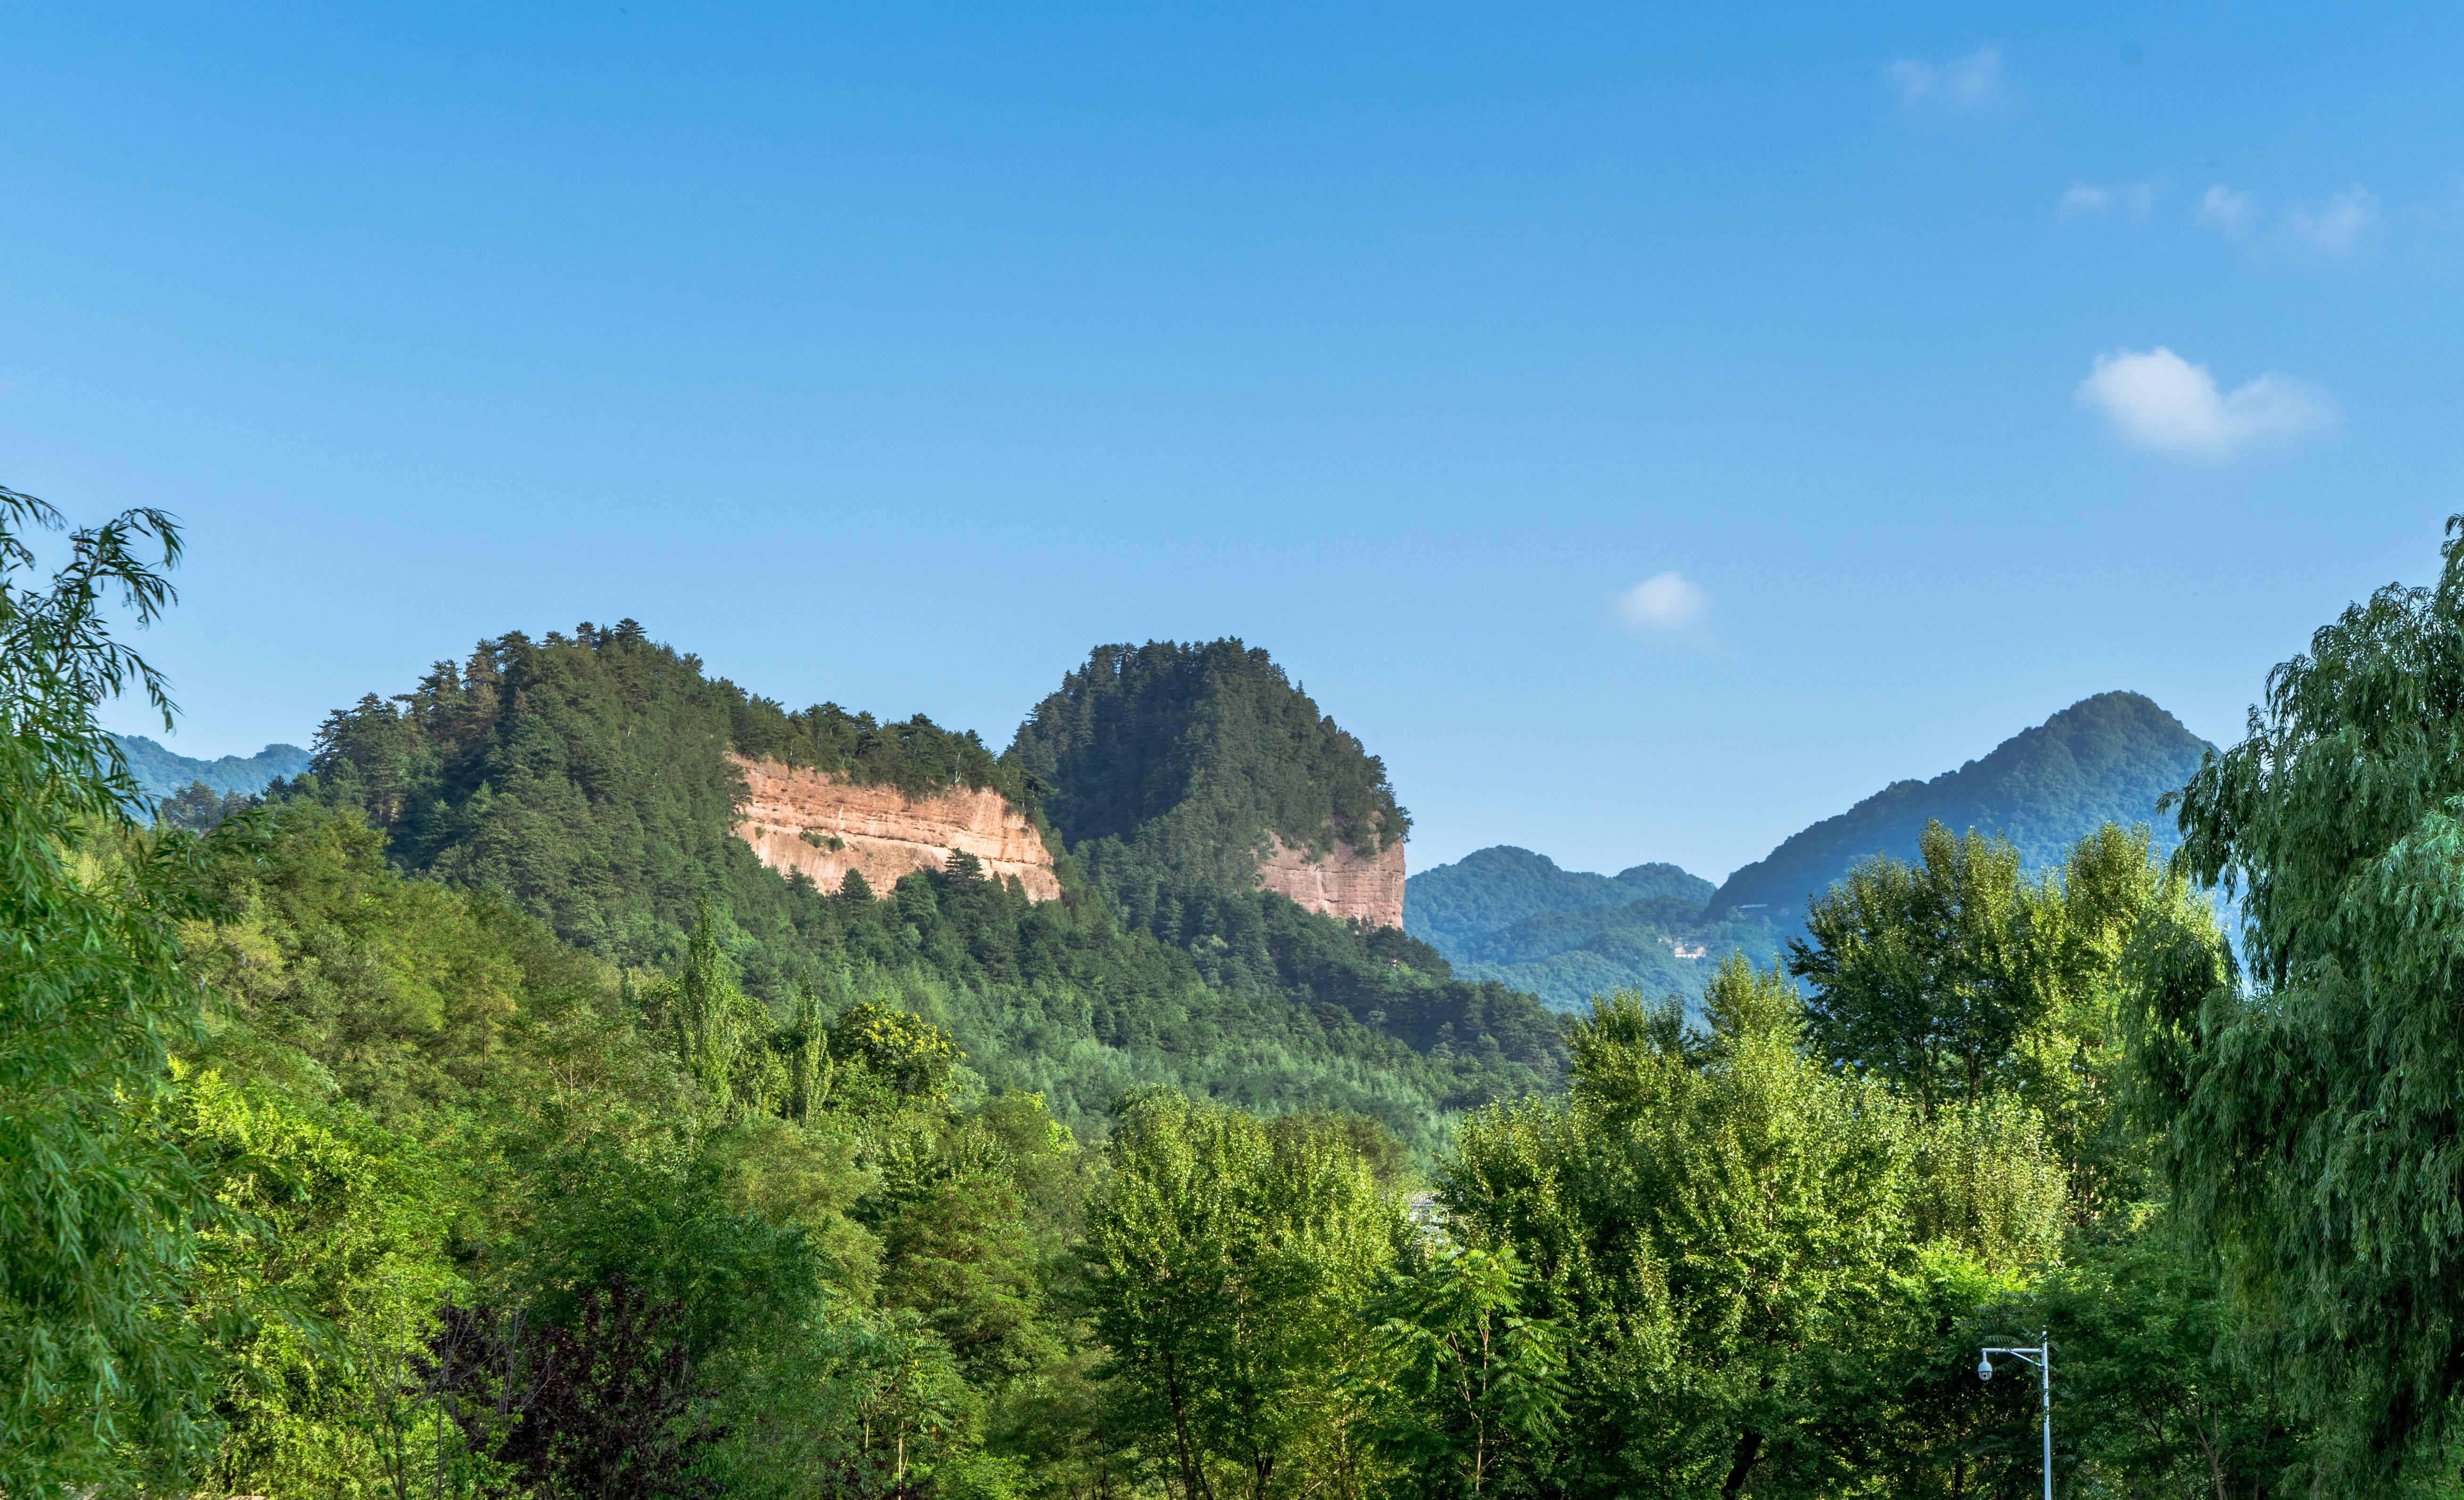 麦积山风景名胜区旅游景点图片